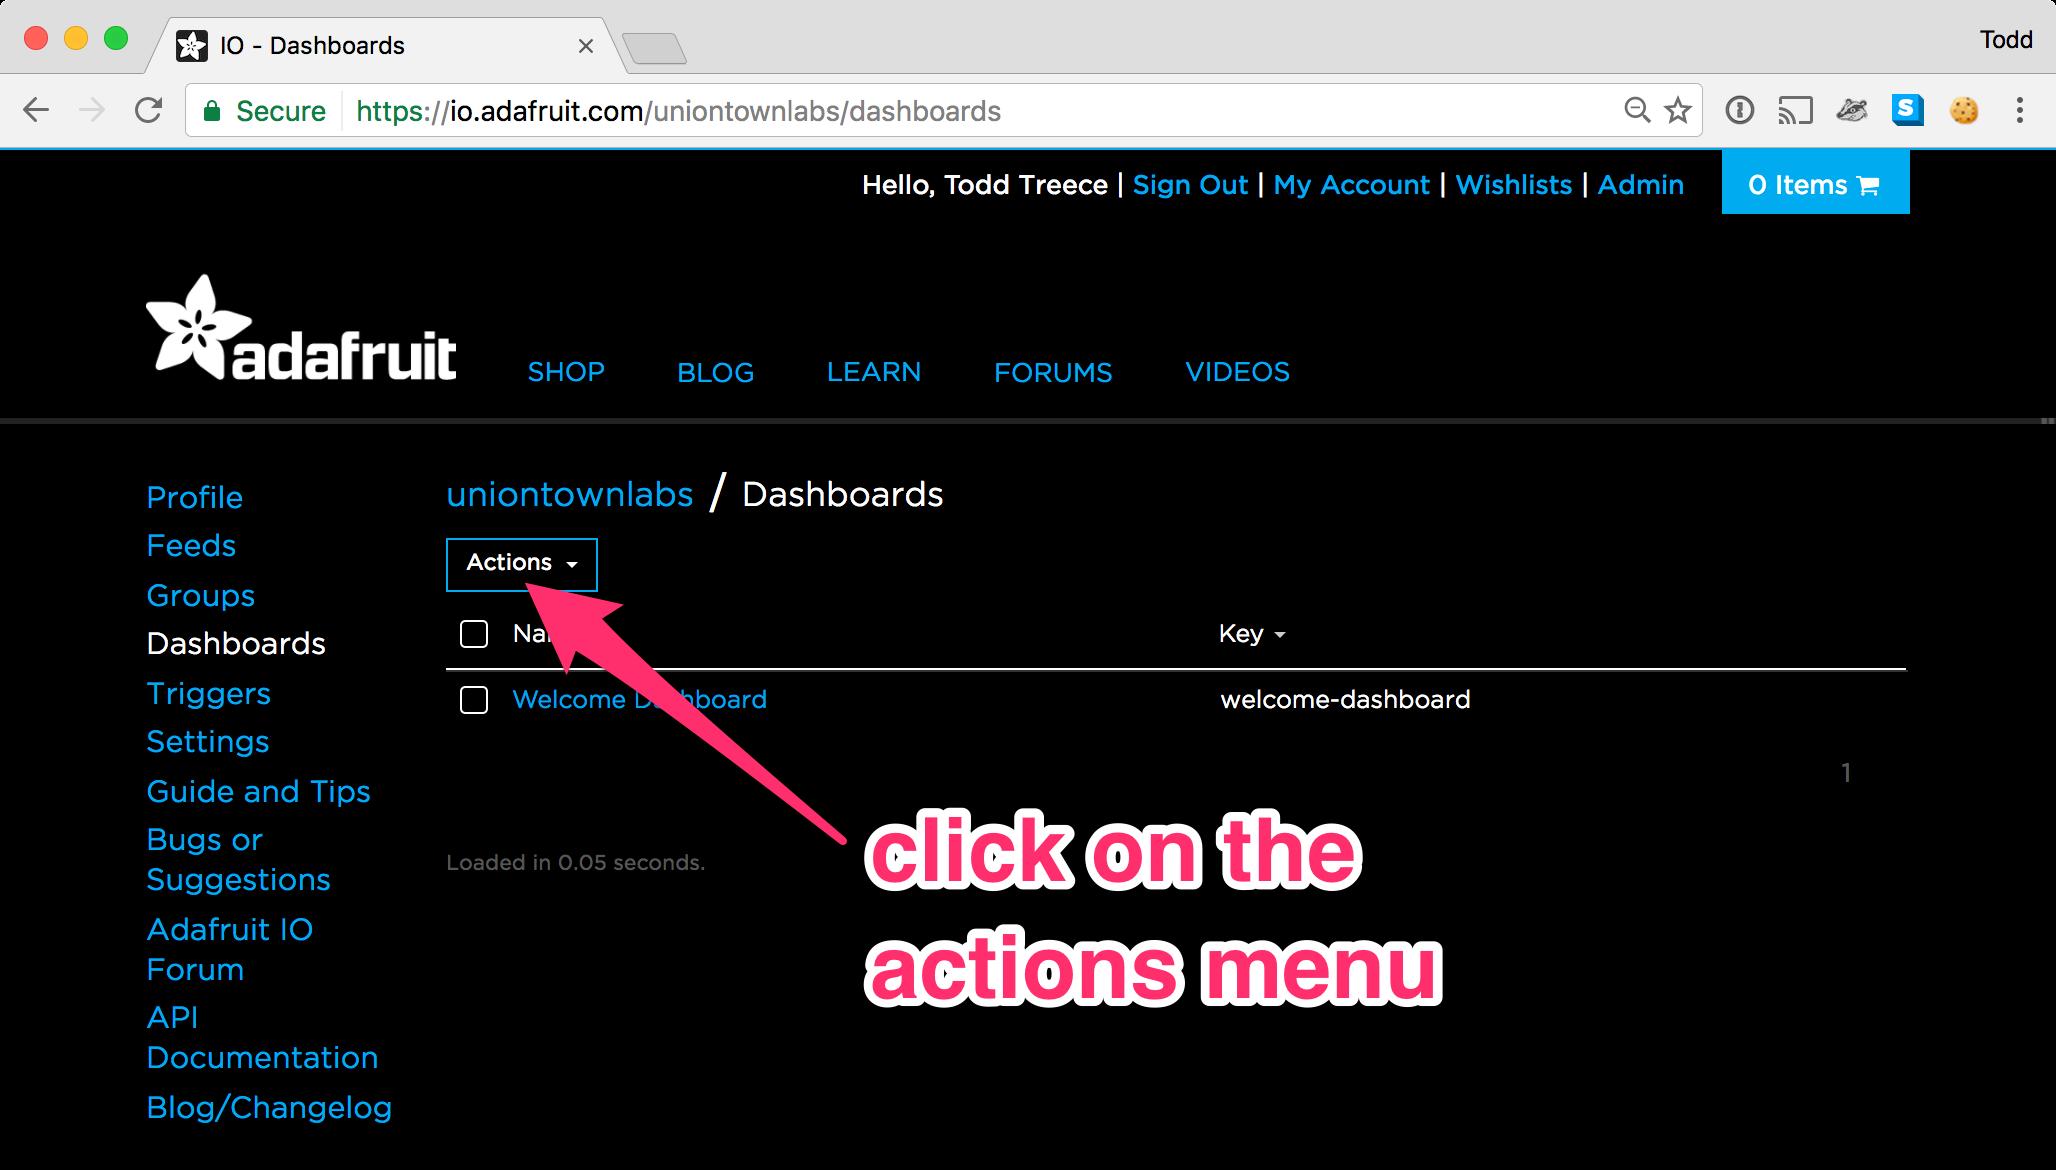 adafruit_io_00_actions_menu.png